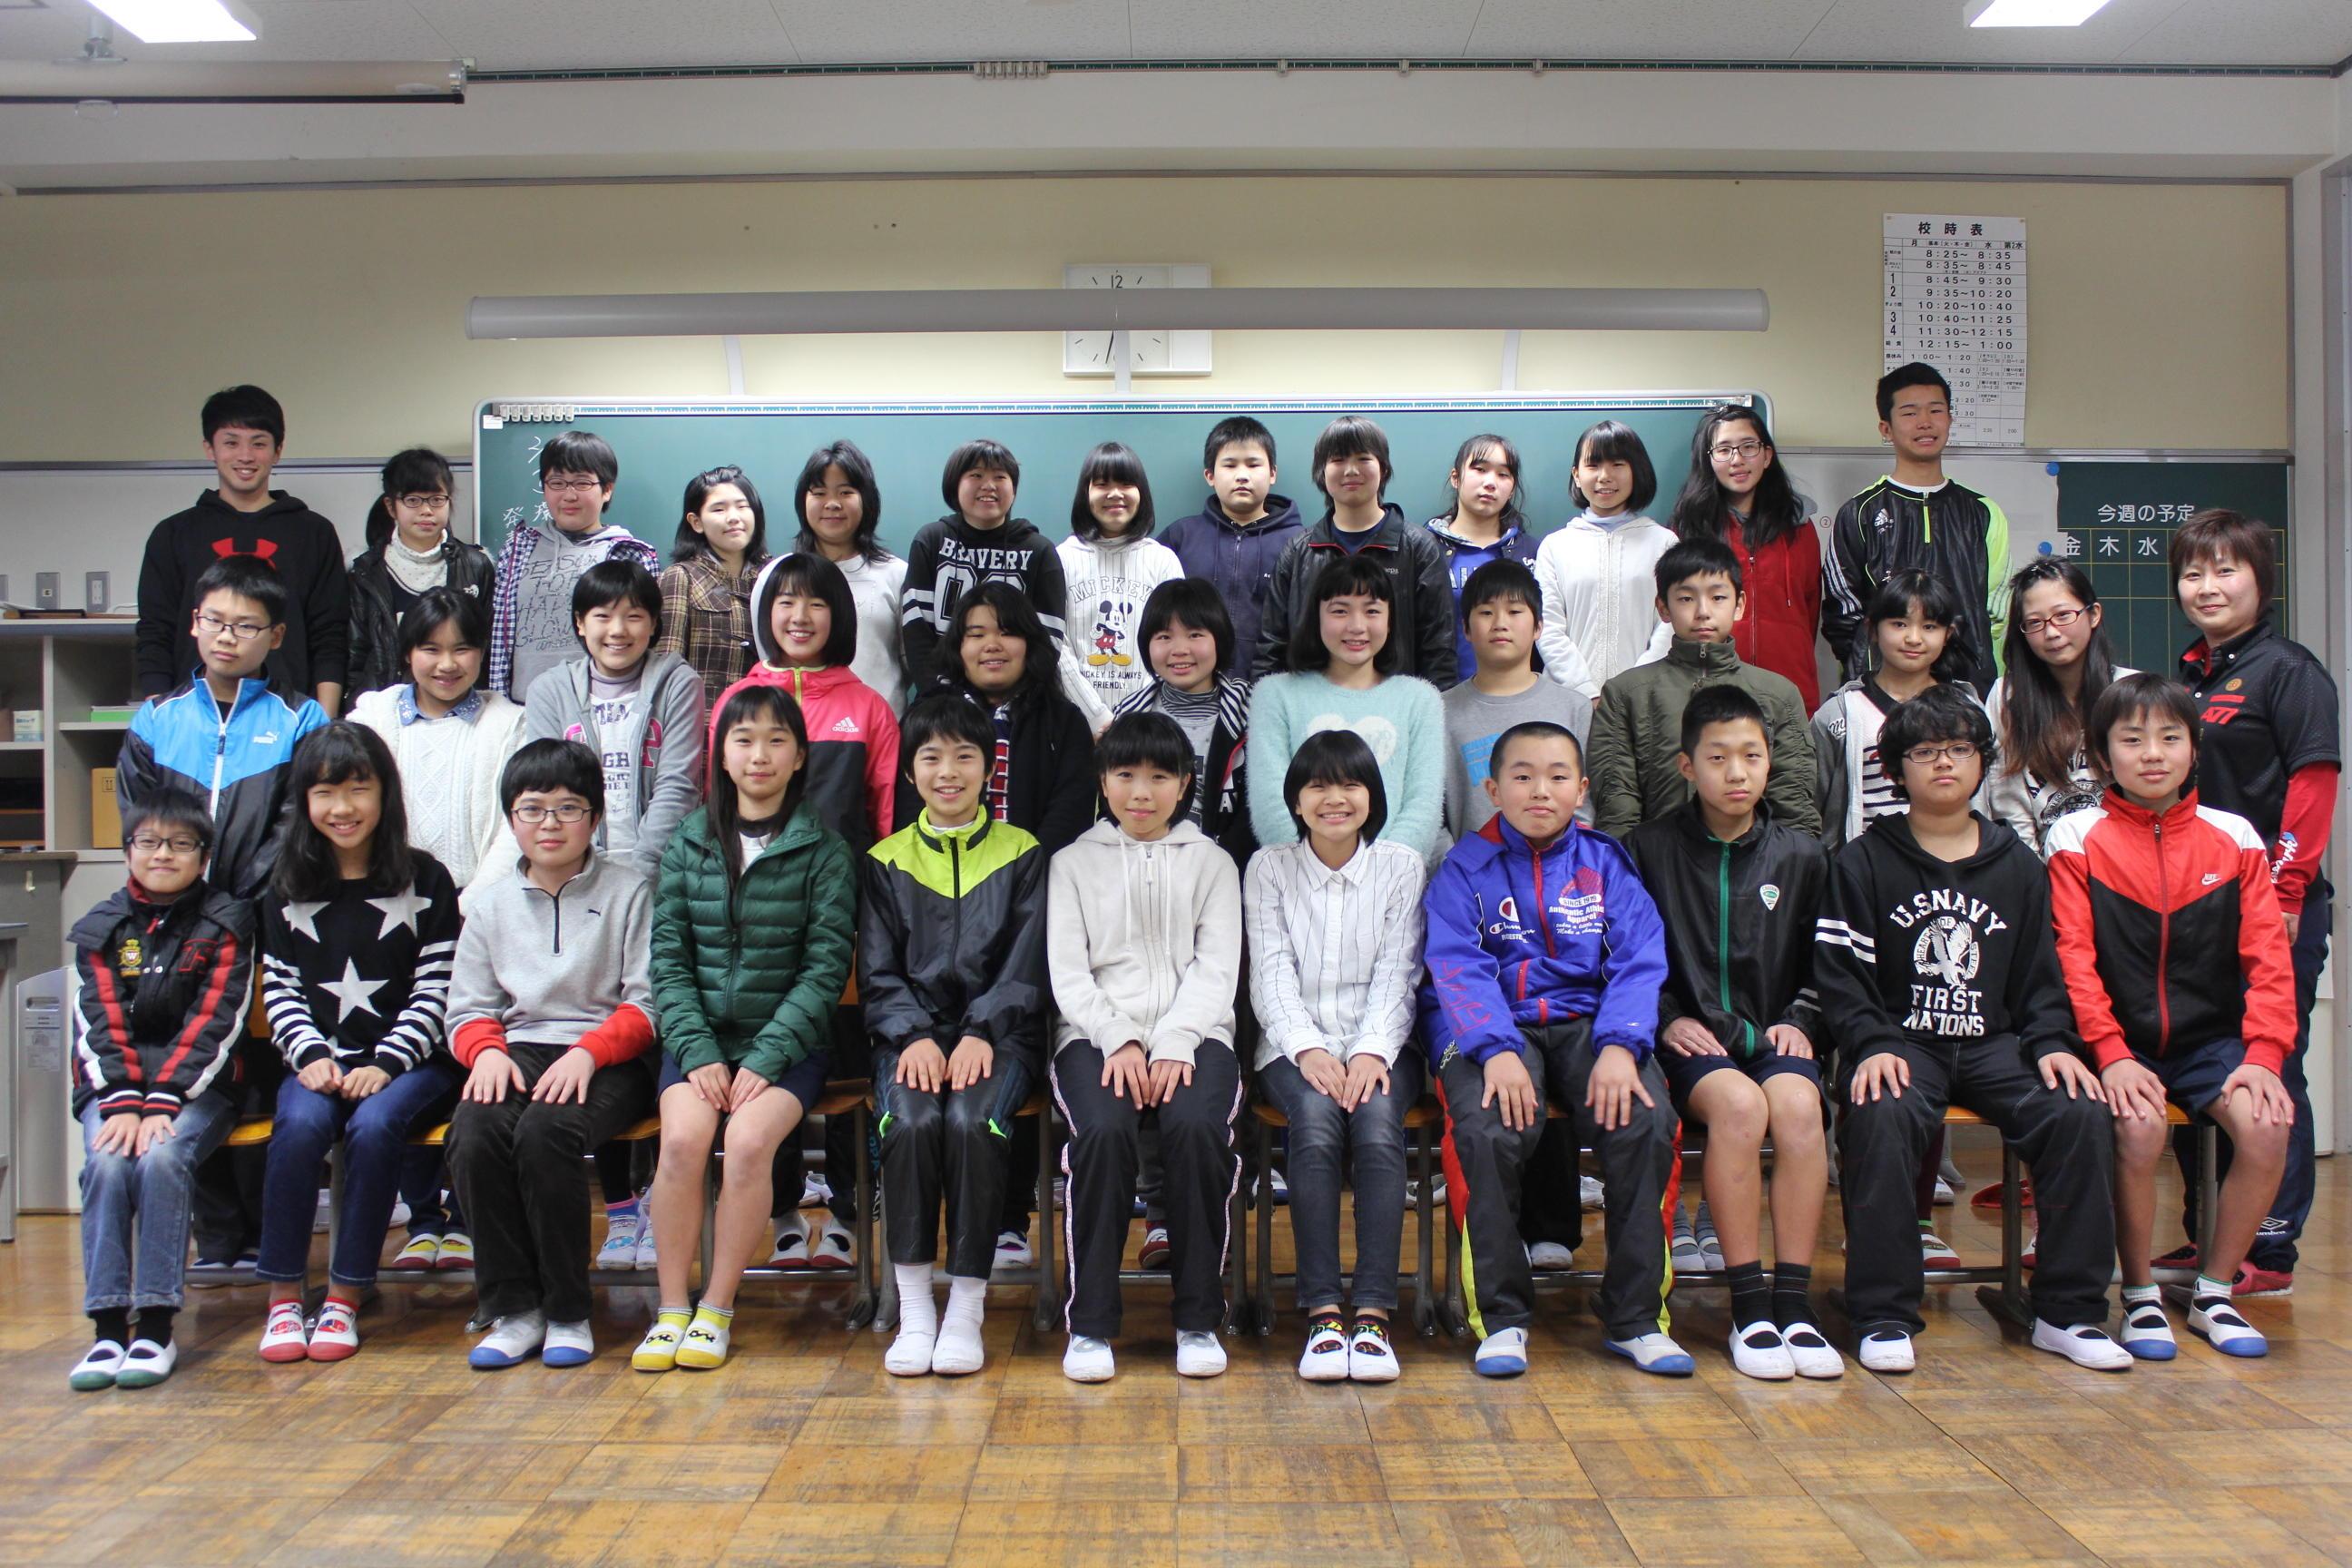 卒業生 広報用 写真.JPG